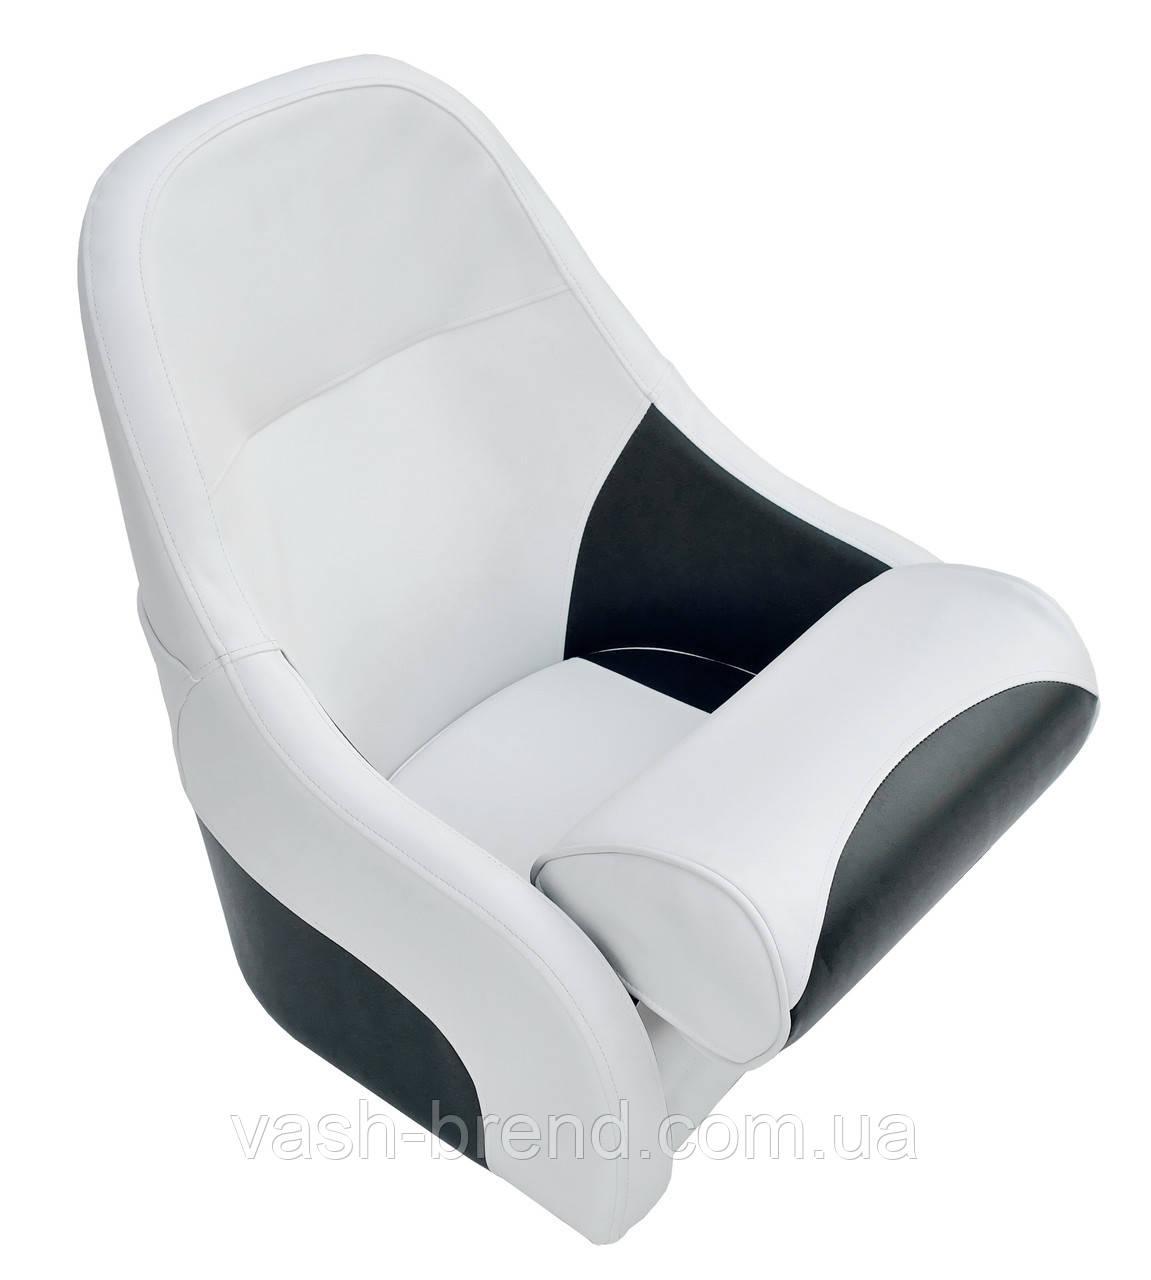 Крісло Flip up з кріпильної пластиною сіро-синє чорне